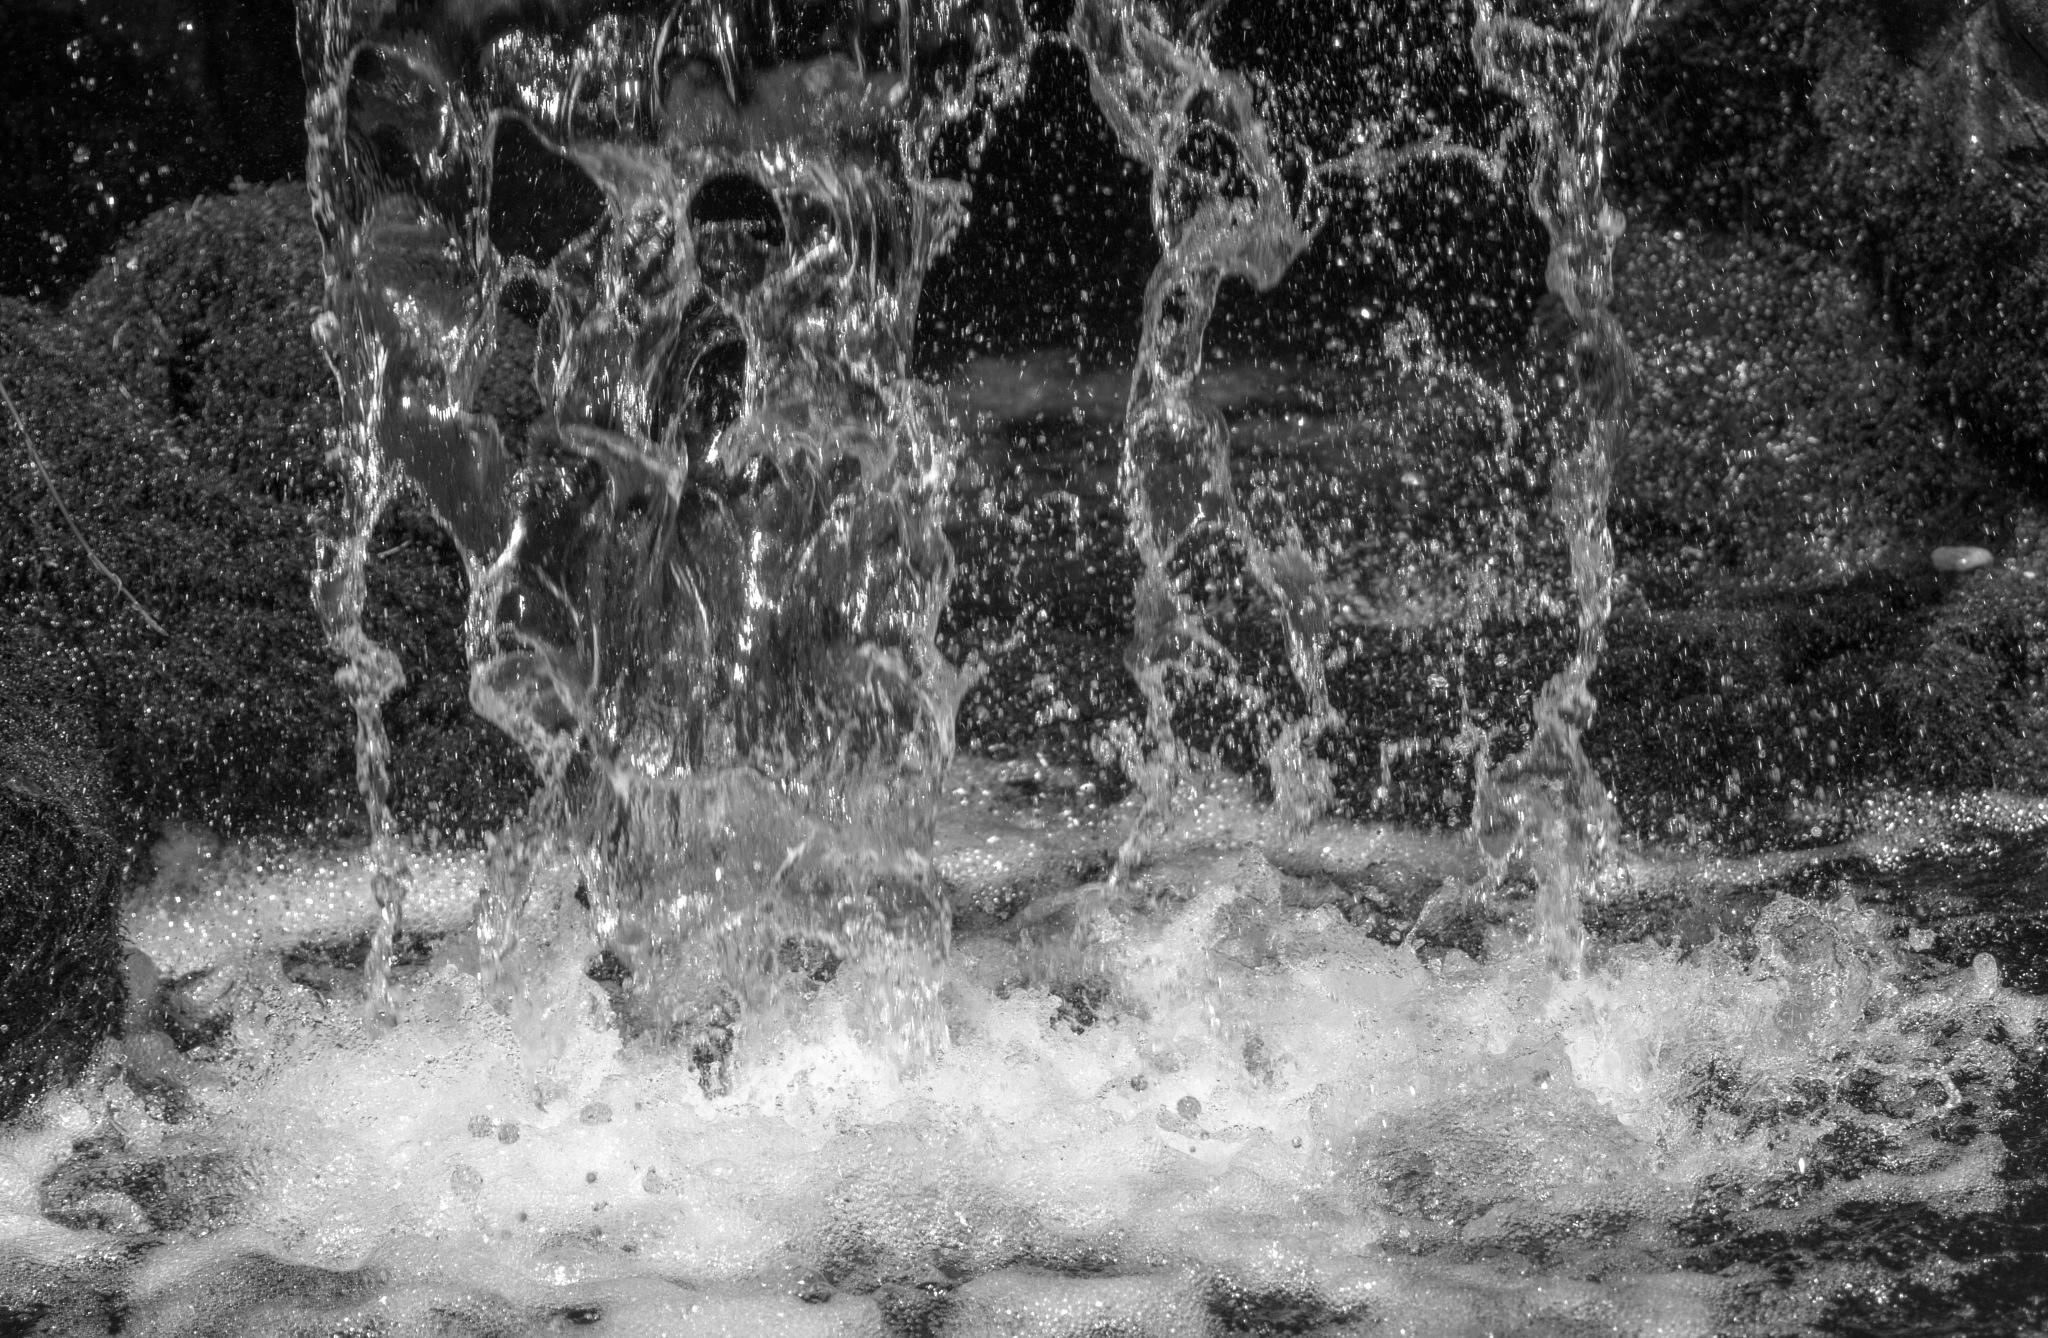 Falling water by Roelof de Haan